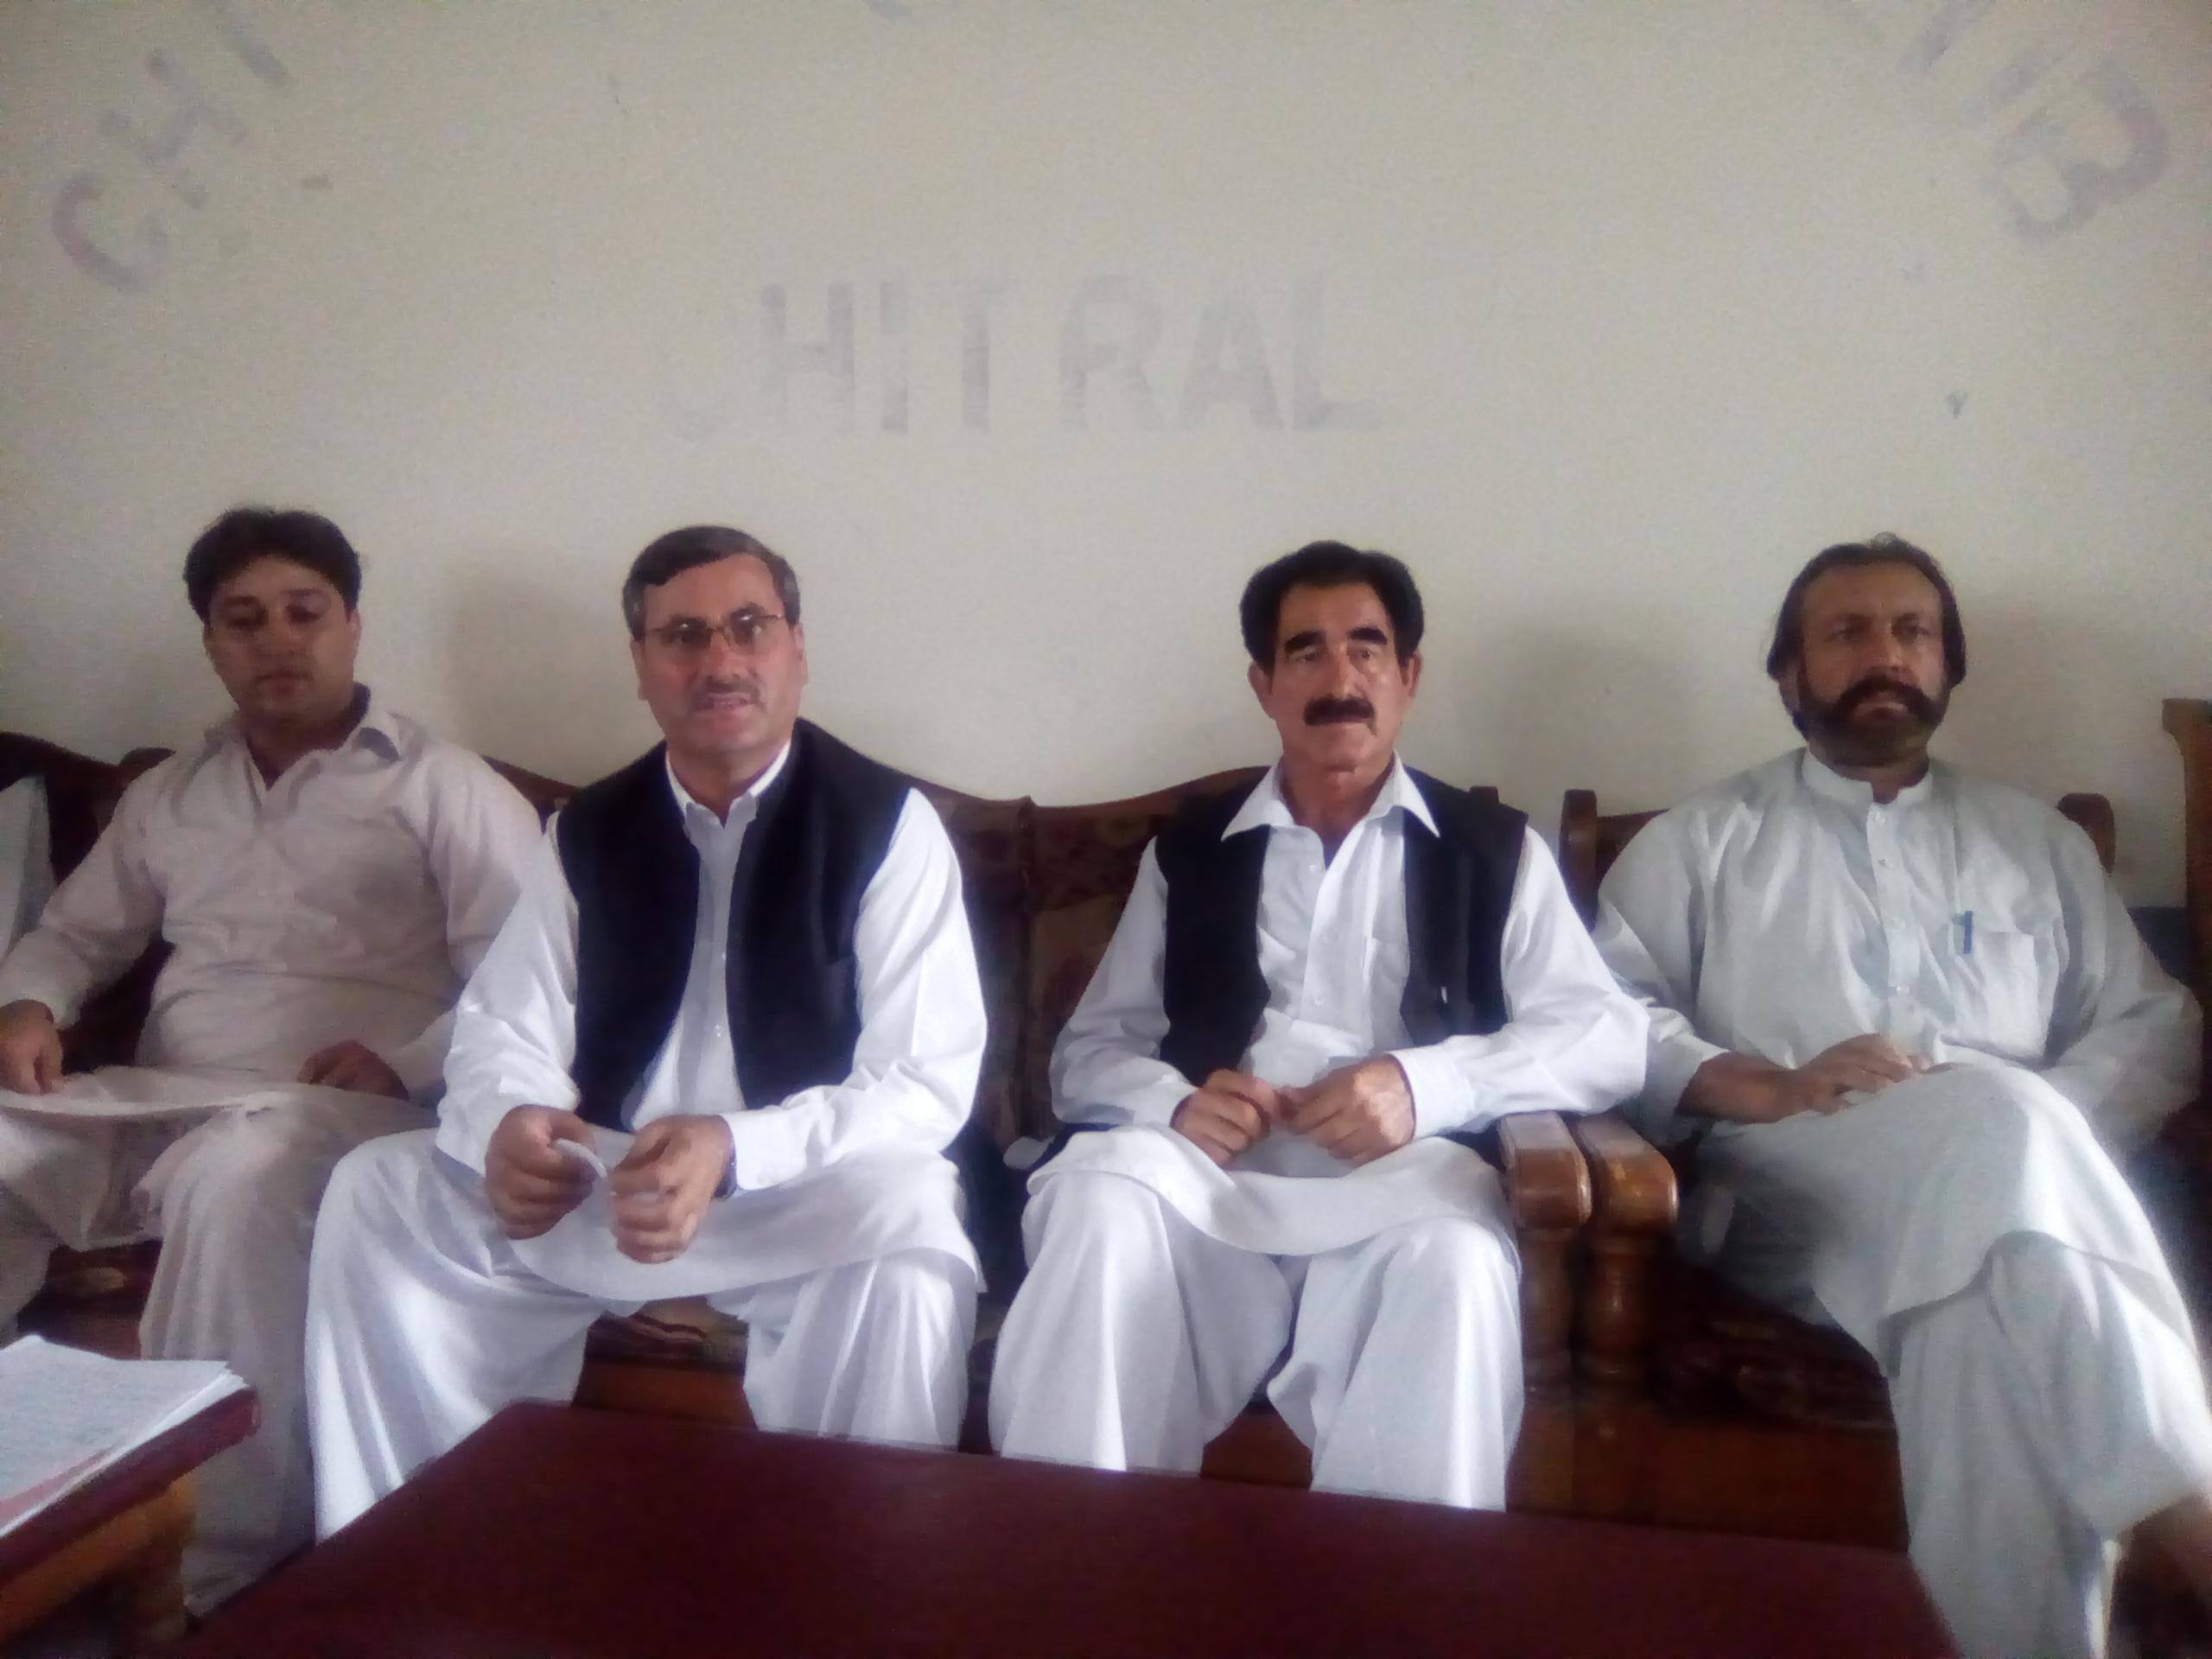 عمران خان، پرویز خٹک اور دیگر وزرا پرانے منصوبوں پر نئی تختیاں لگا کر لوگوں کو بیوقوف بارہے ہیں، ایم پی اے سلیم خان